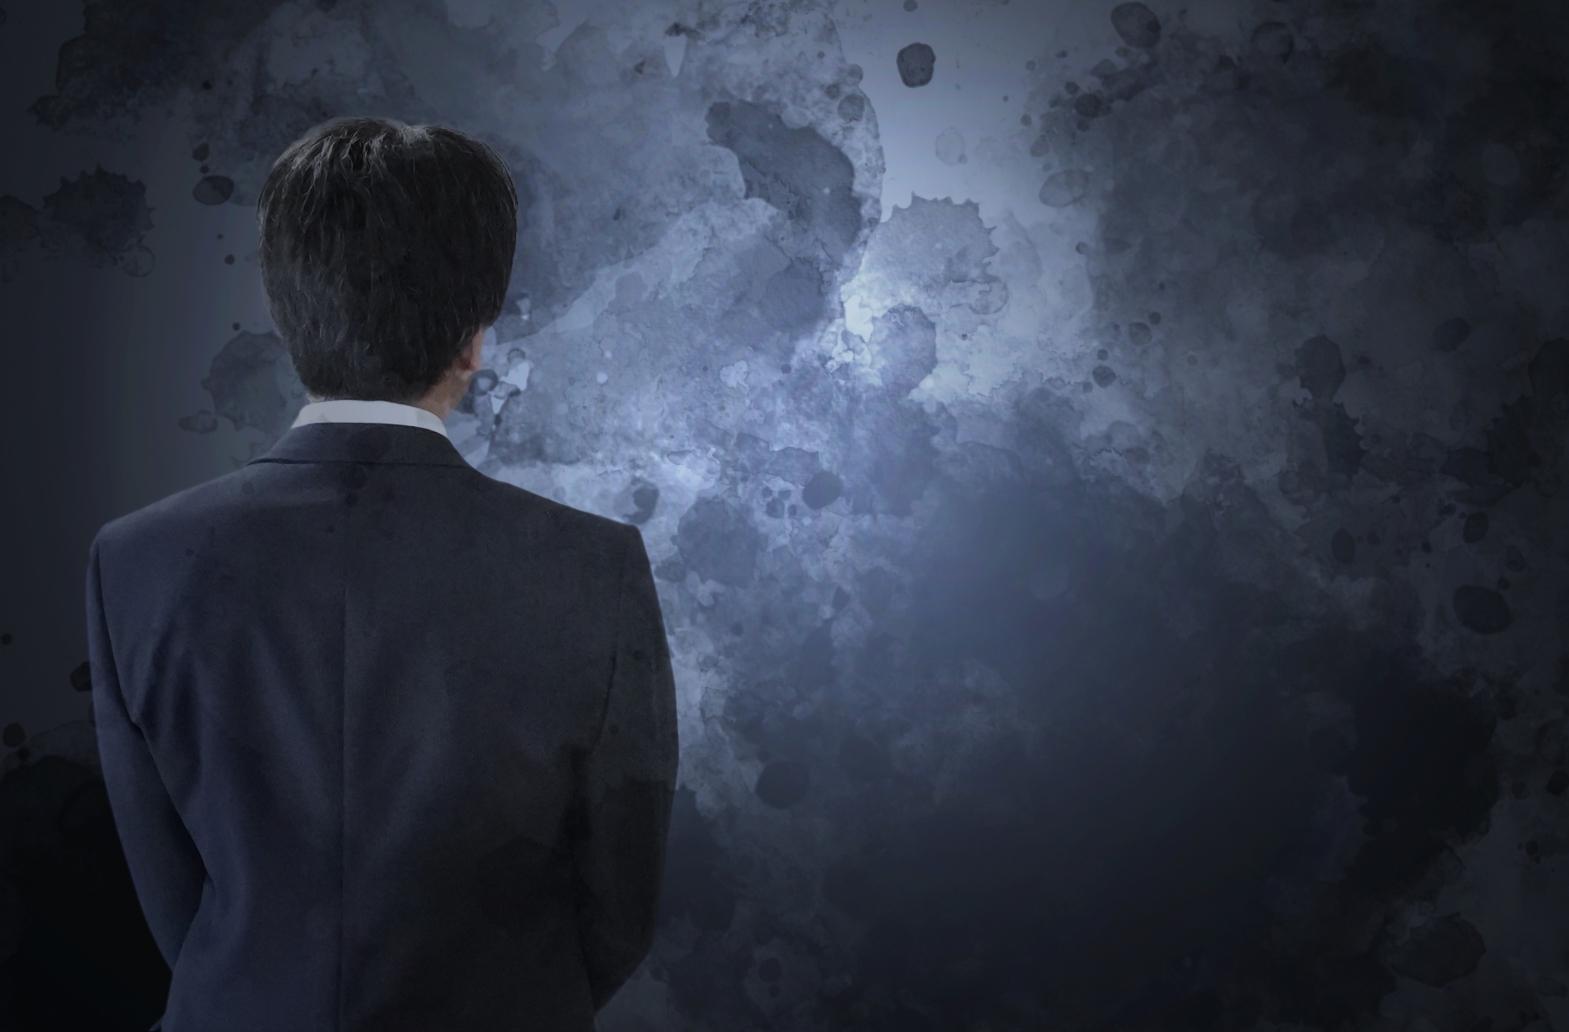 憂鬱…会社に行くのが毎日辛い&仕事を辞めたい…原因別の対処方法【精神的に限界】